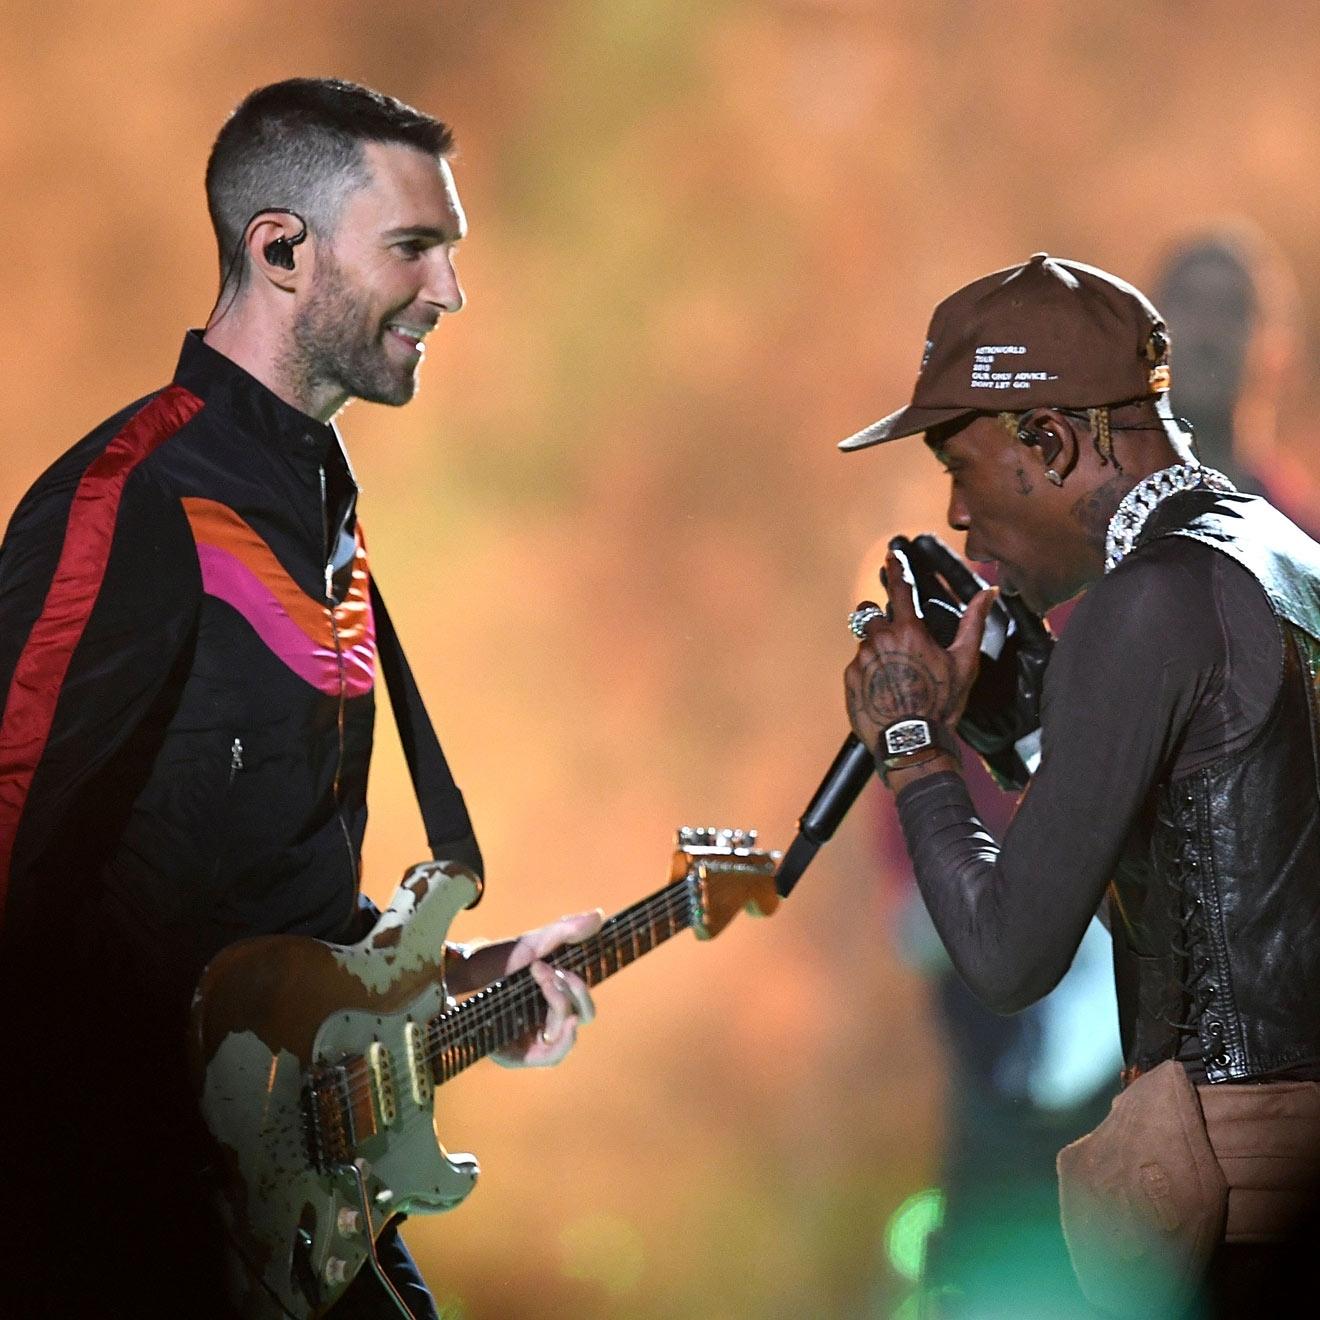 Super Bowl 2019: So Macht Sich Das Netz Über Maroon 5 Und regarding Super Bowl 2019 Travis Scott